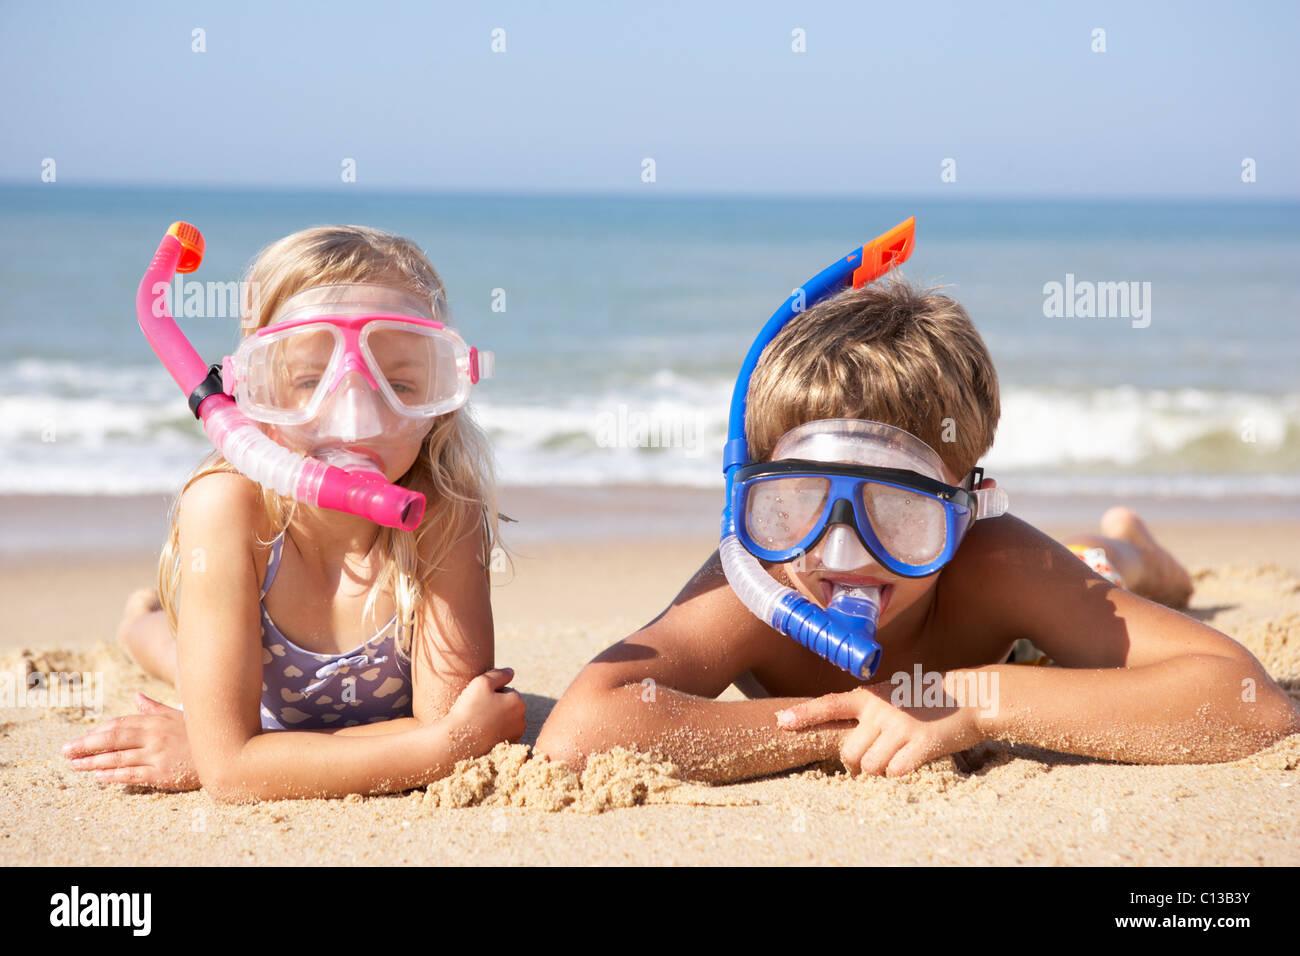 Kleinen Kindern auf Urlaub am Meer Stockbild